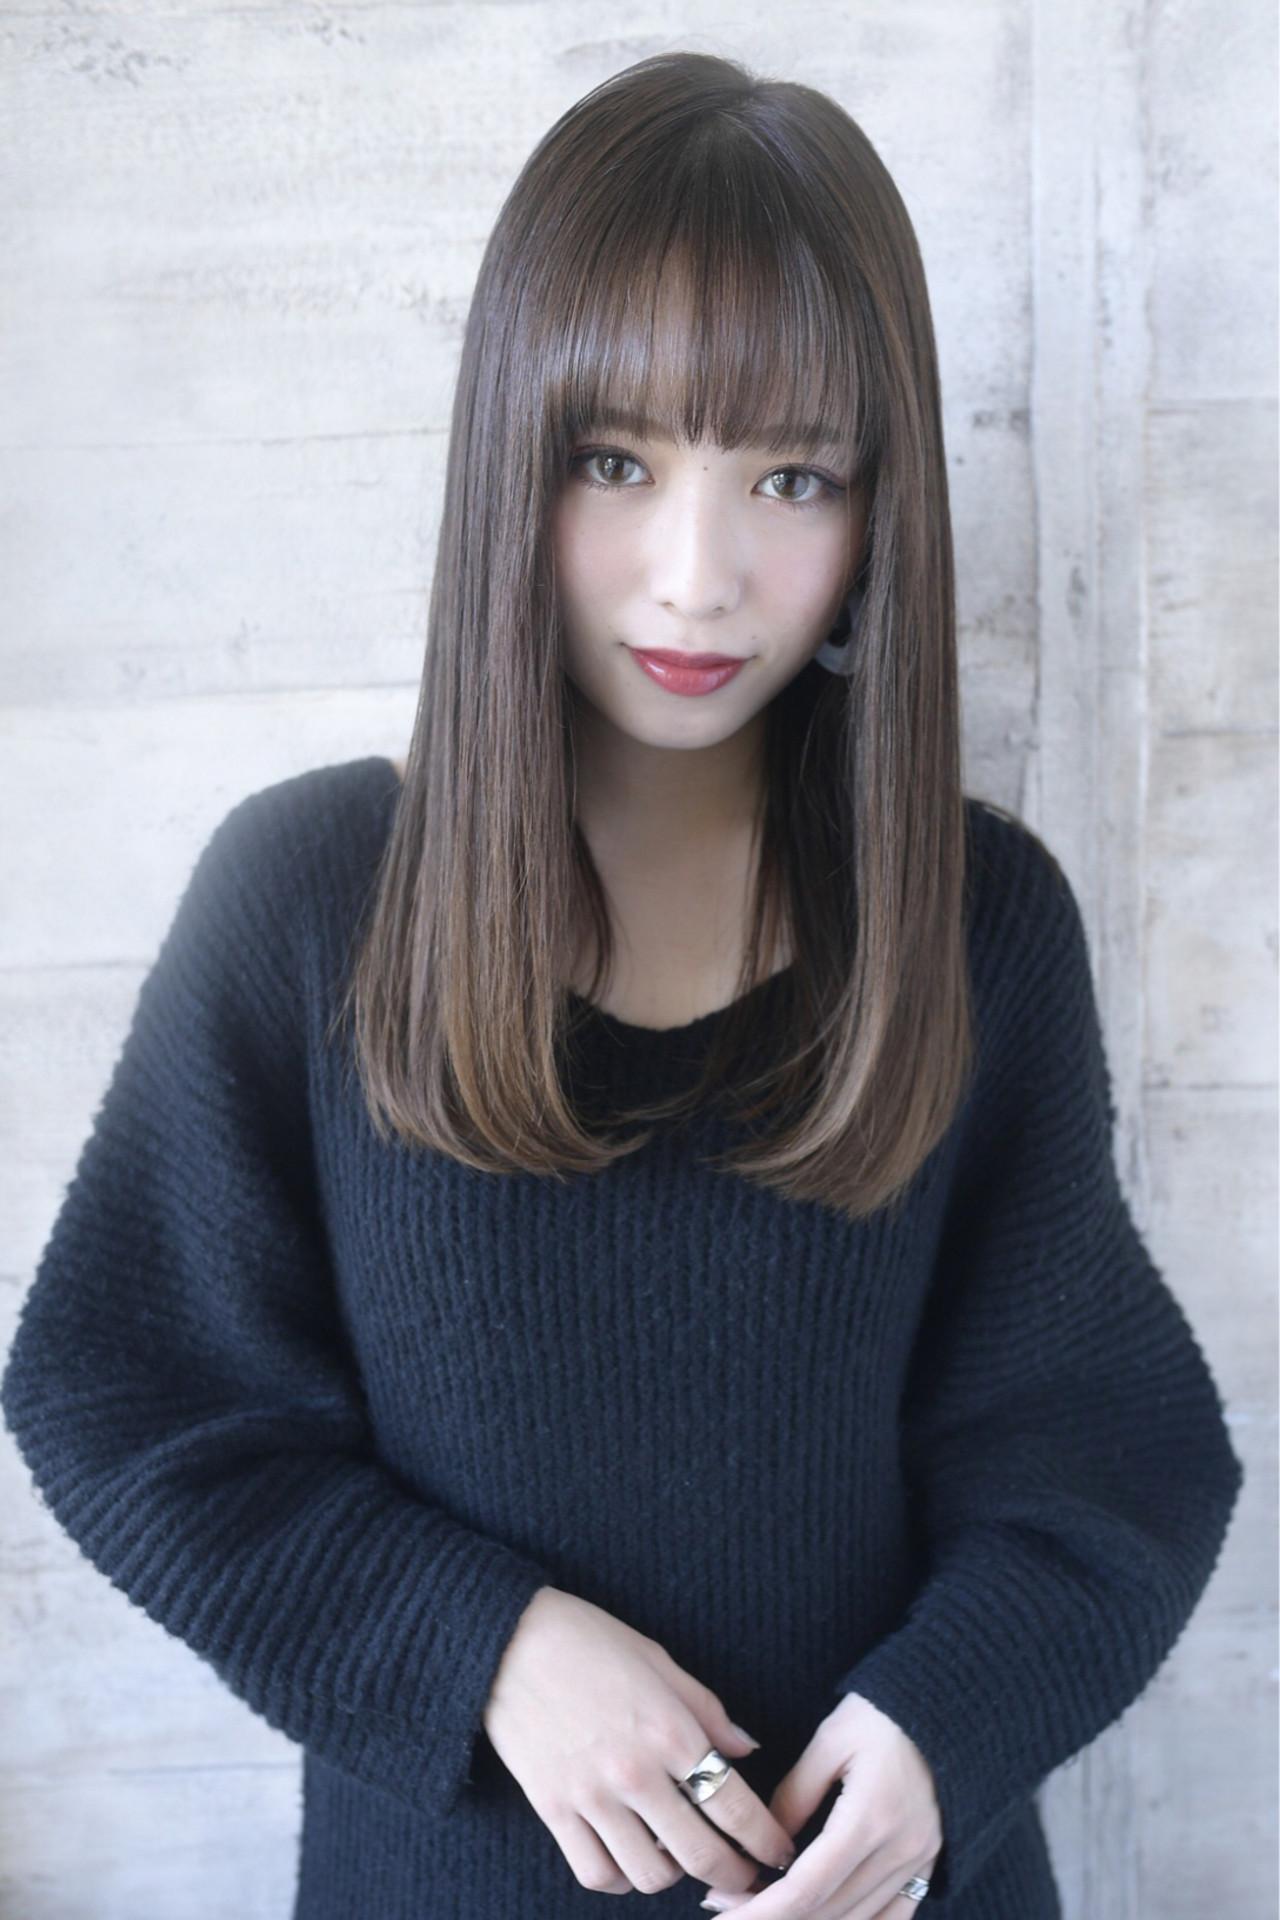 内巻き 美髪 ロング ストレート ヘアスタイルや髪型の写真・画像